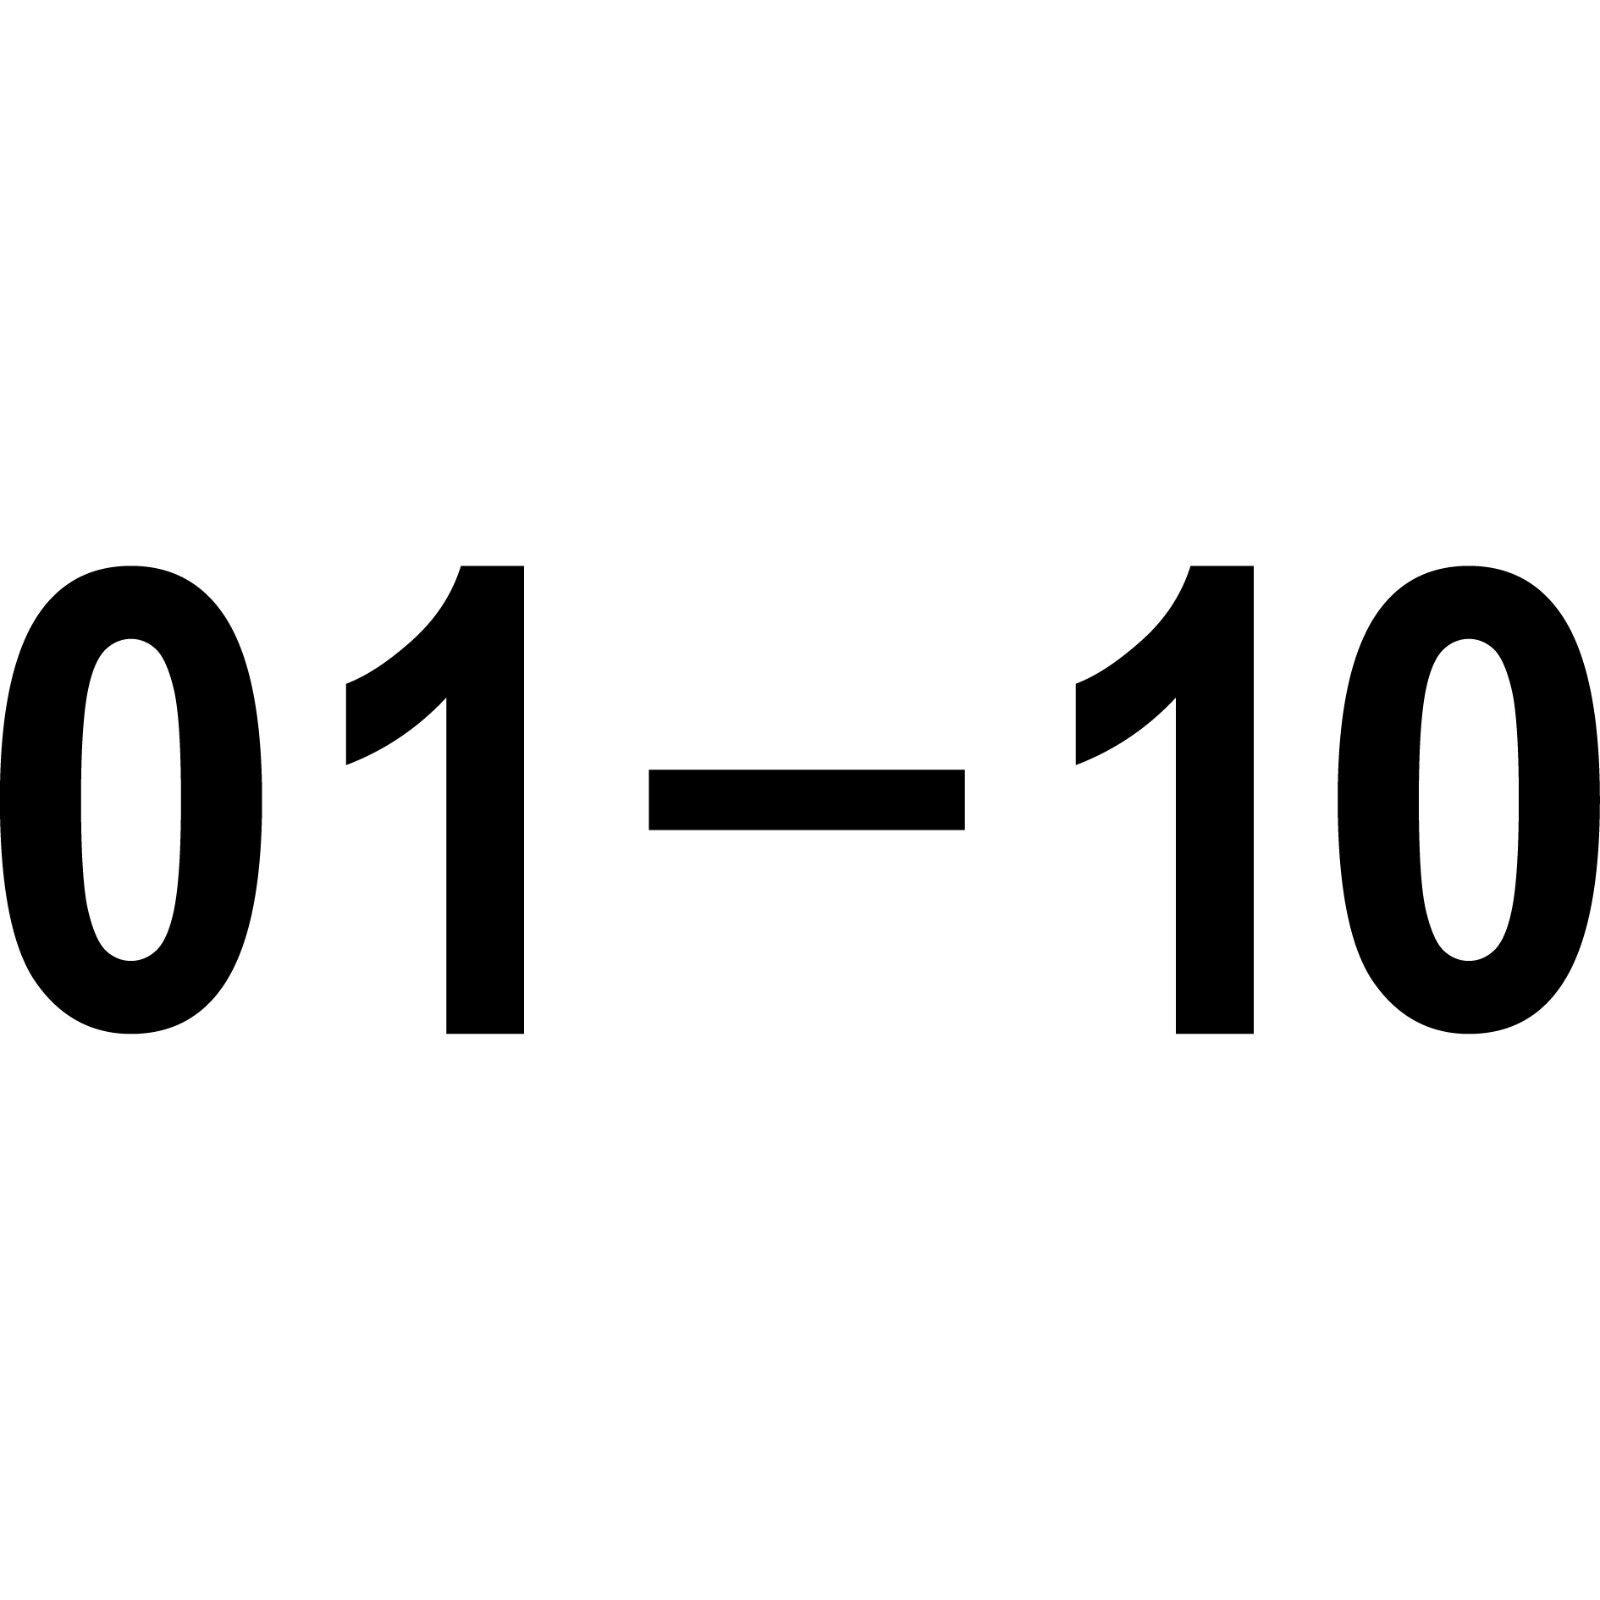 schwarz, 0 GreenIT 12cm DIN 1451 Wunsch Ziffer Zahl Nummer Hausnummer Aufkleber Tattoo Deko Folie T/ür Fenster Lampe